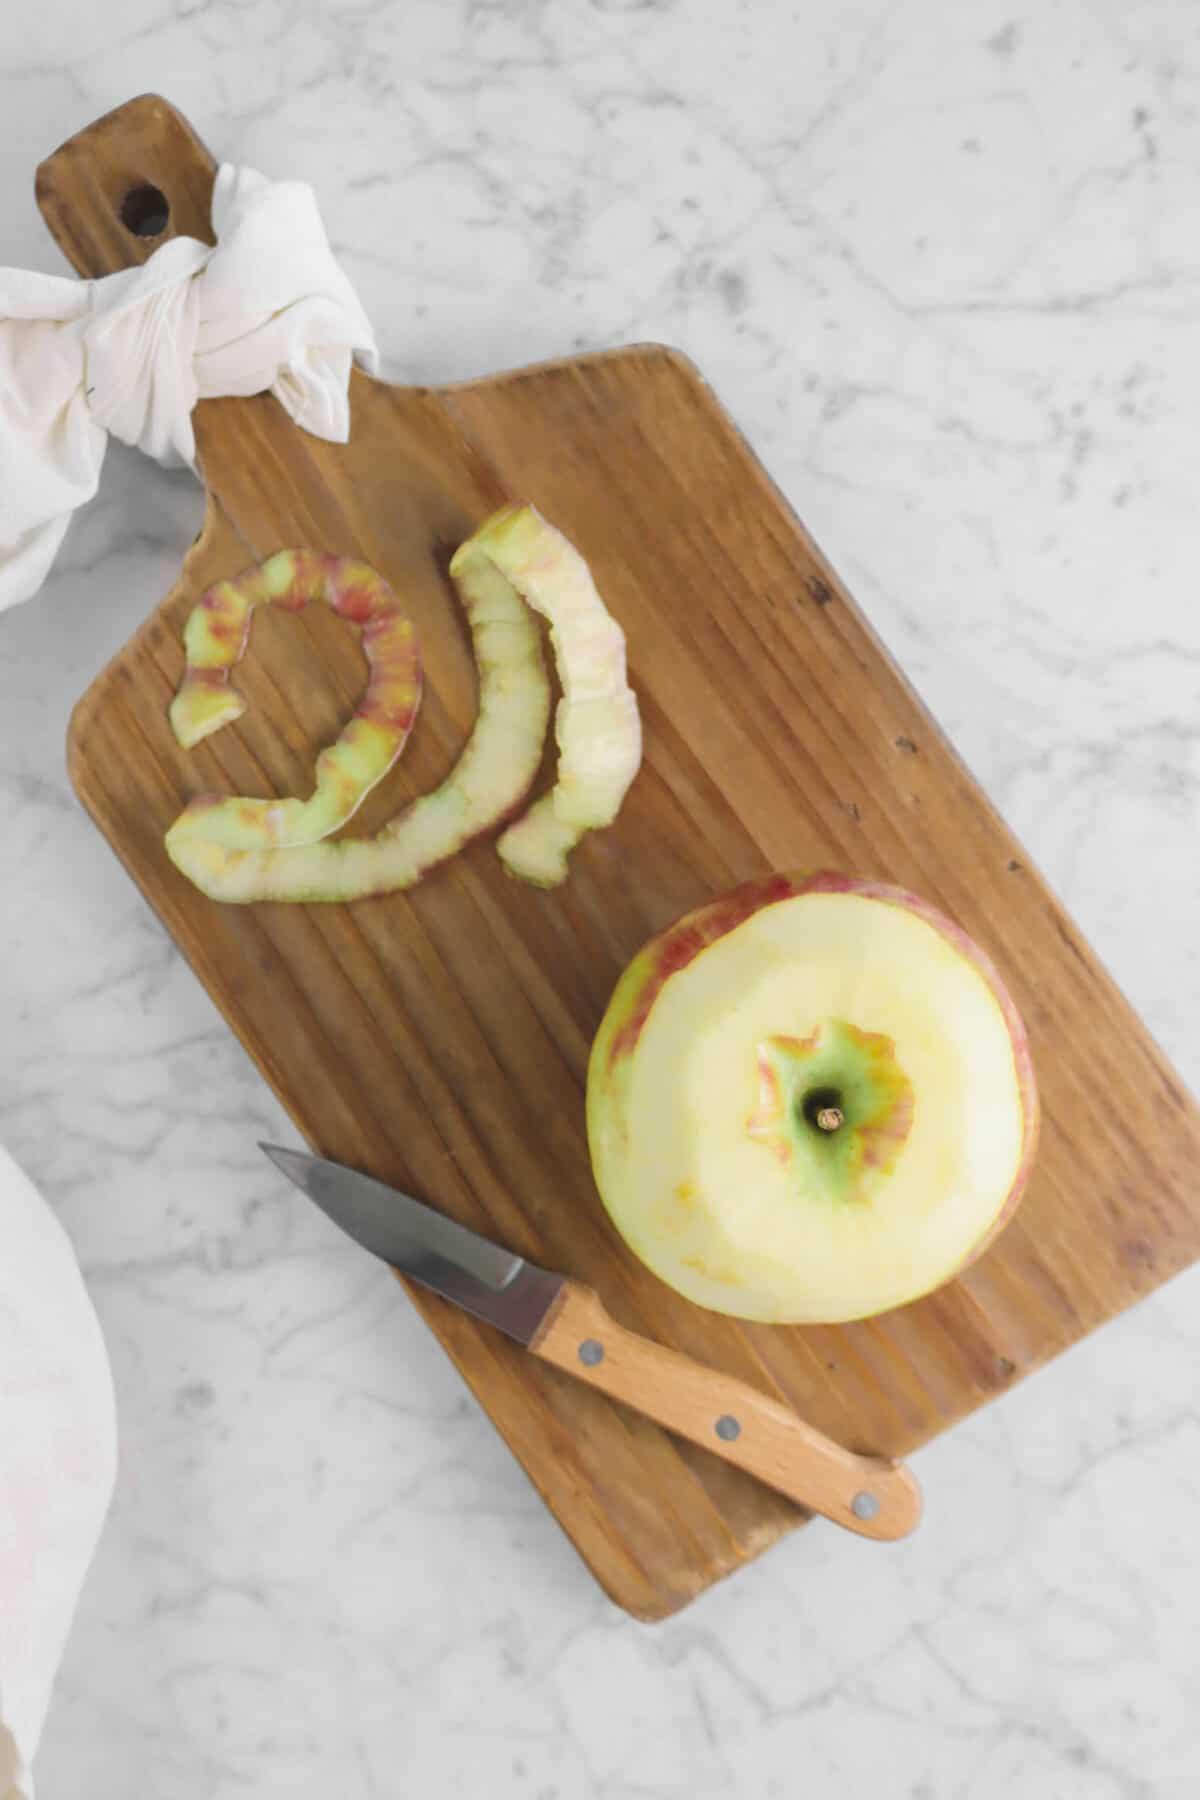 apple slightly peeled on wood board